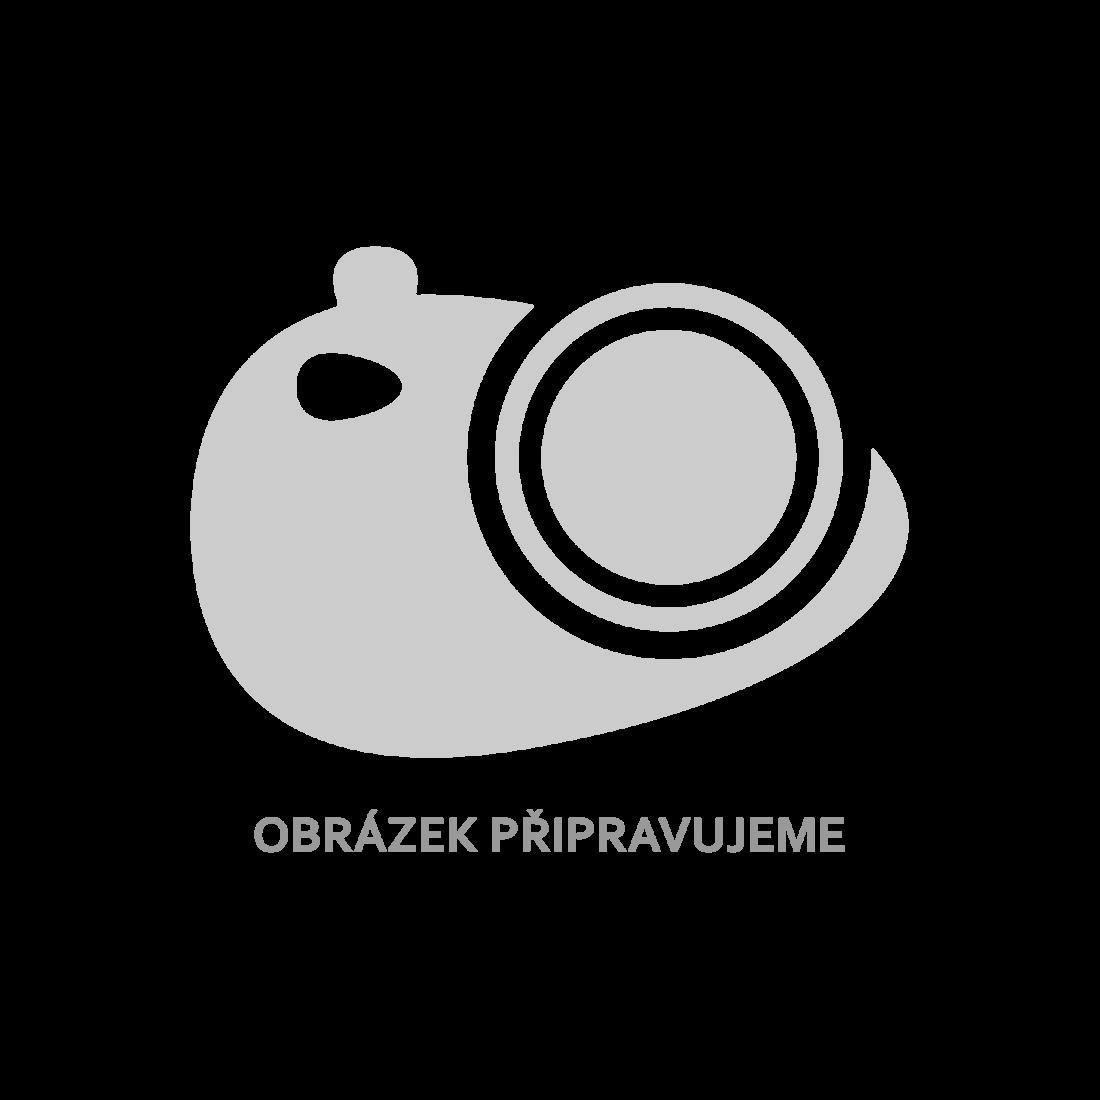 Impregnovaná brána laťový plot 2 ks 300x80 cm dřevo